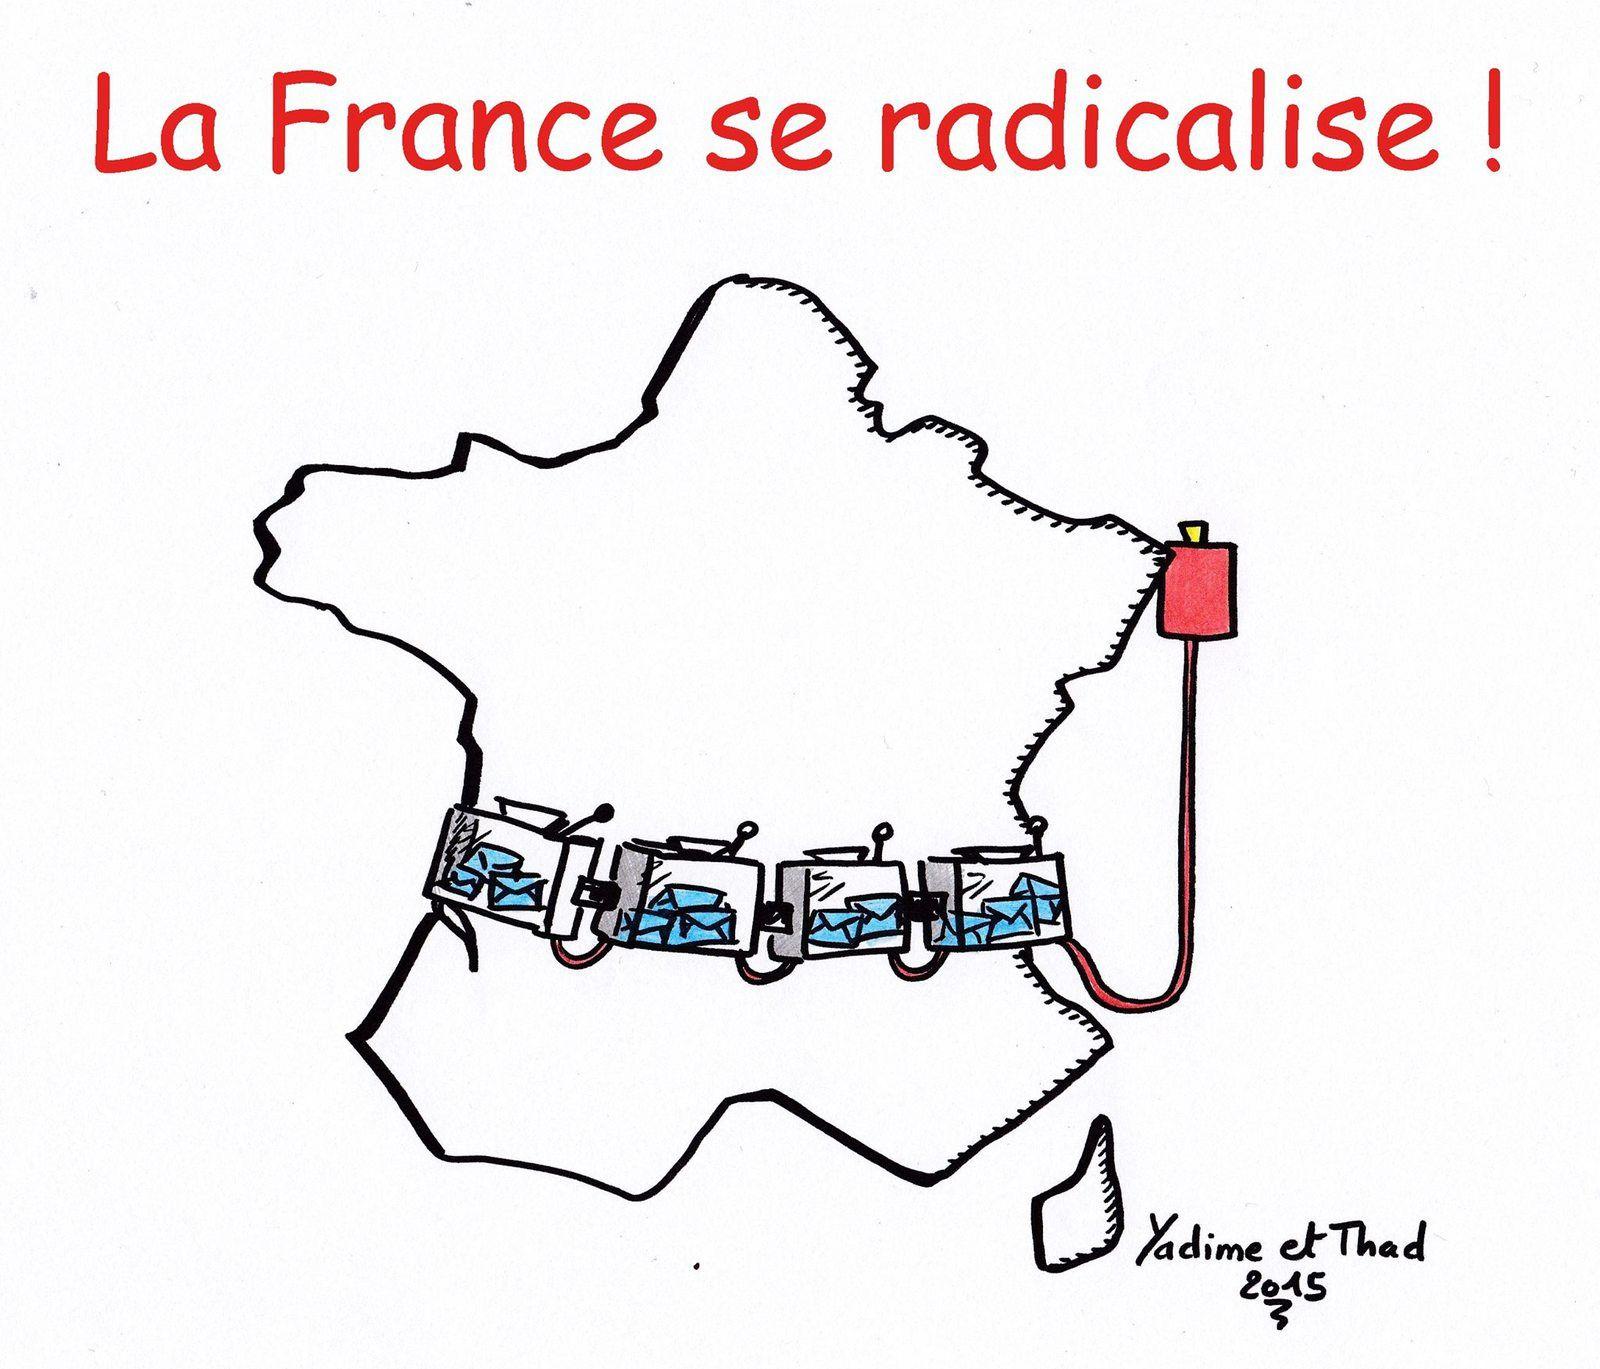 La France se radicalise.. (par Yadime & Thad)